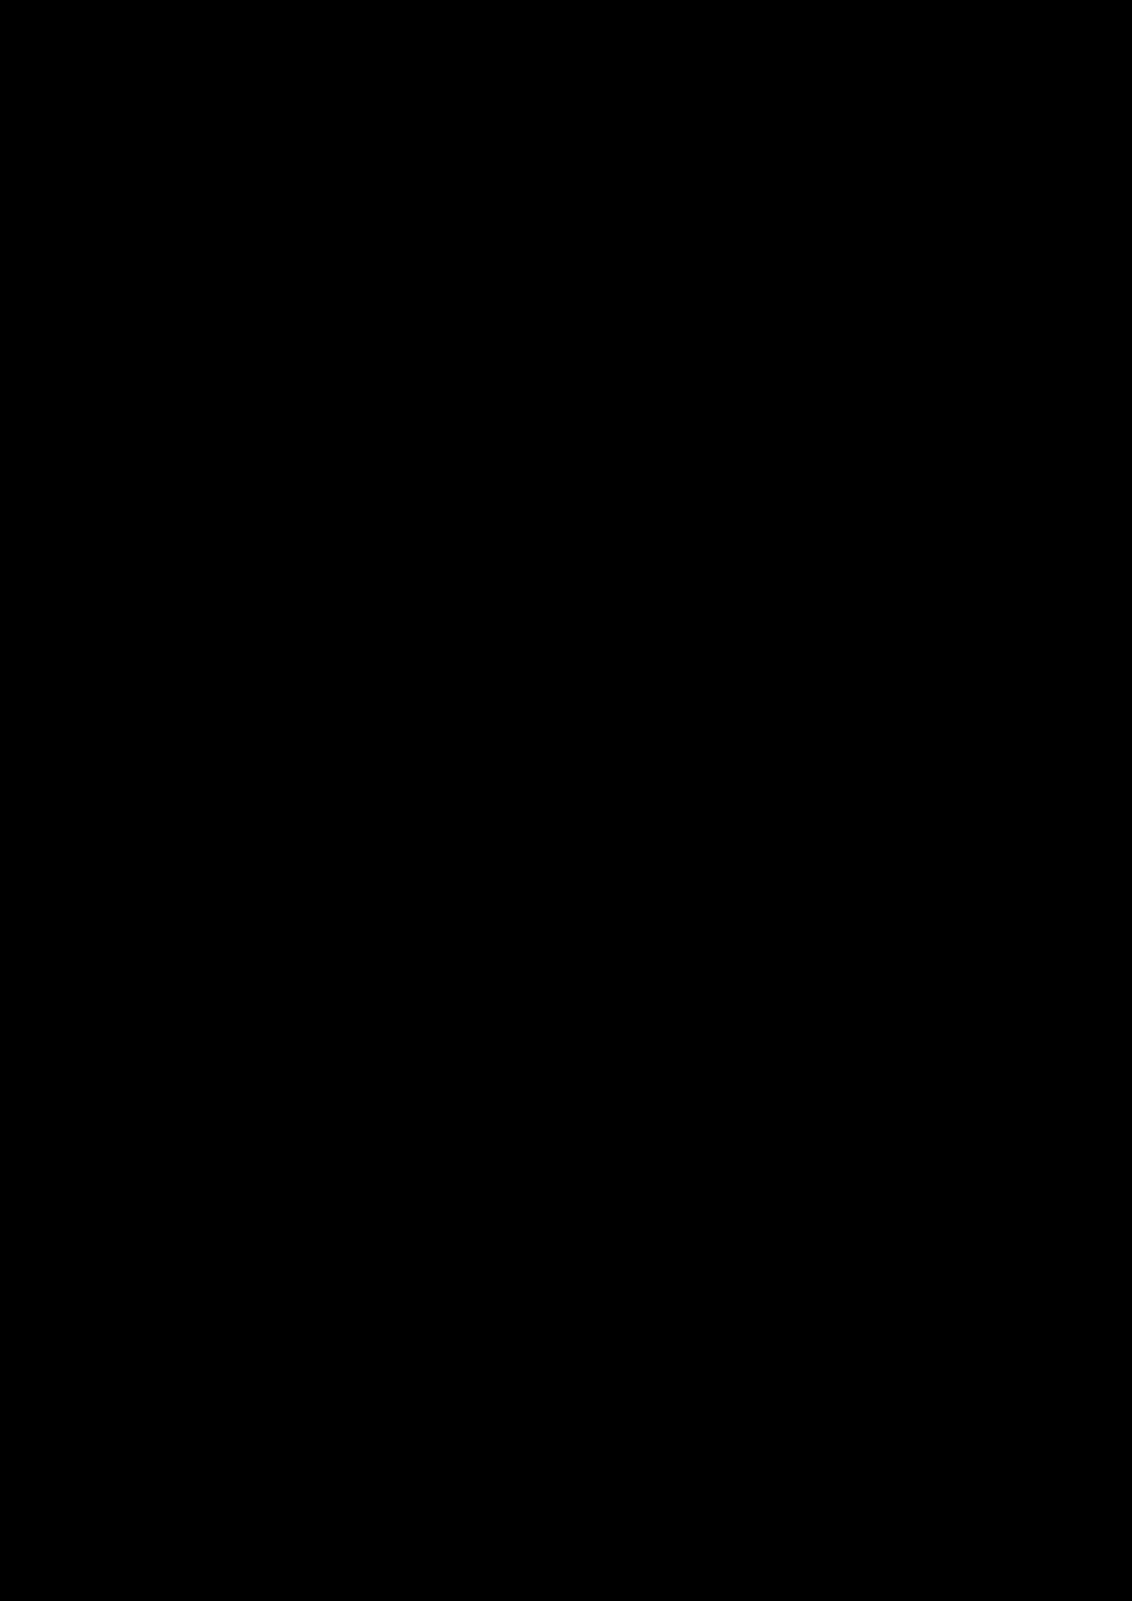 Osobyiy Rezon slide, Image 4